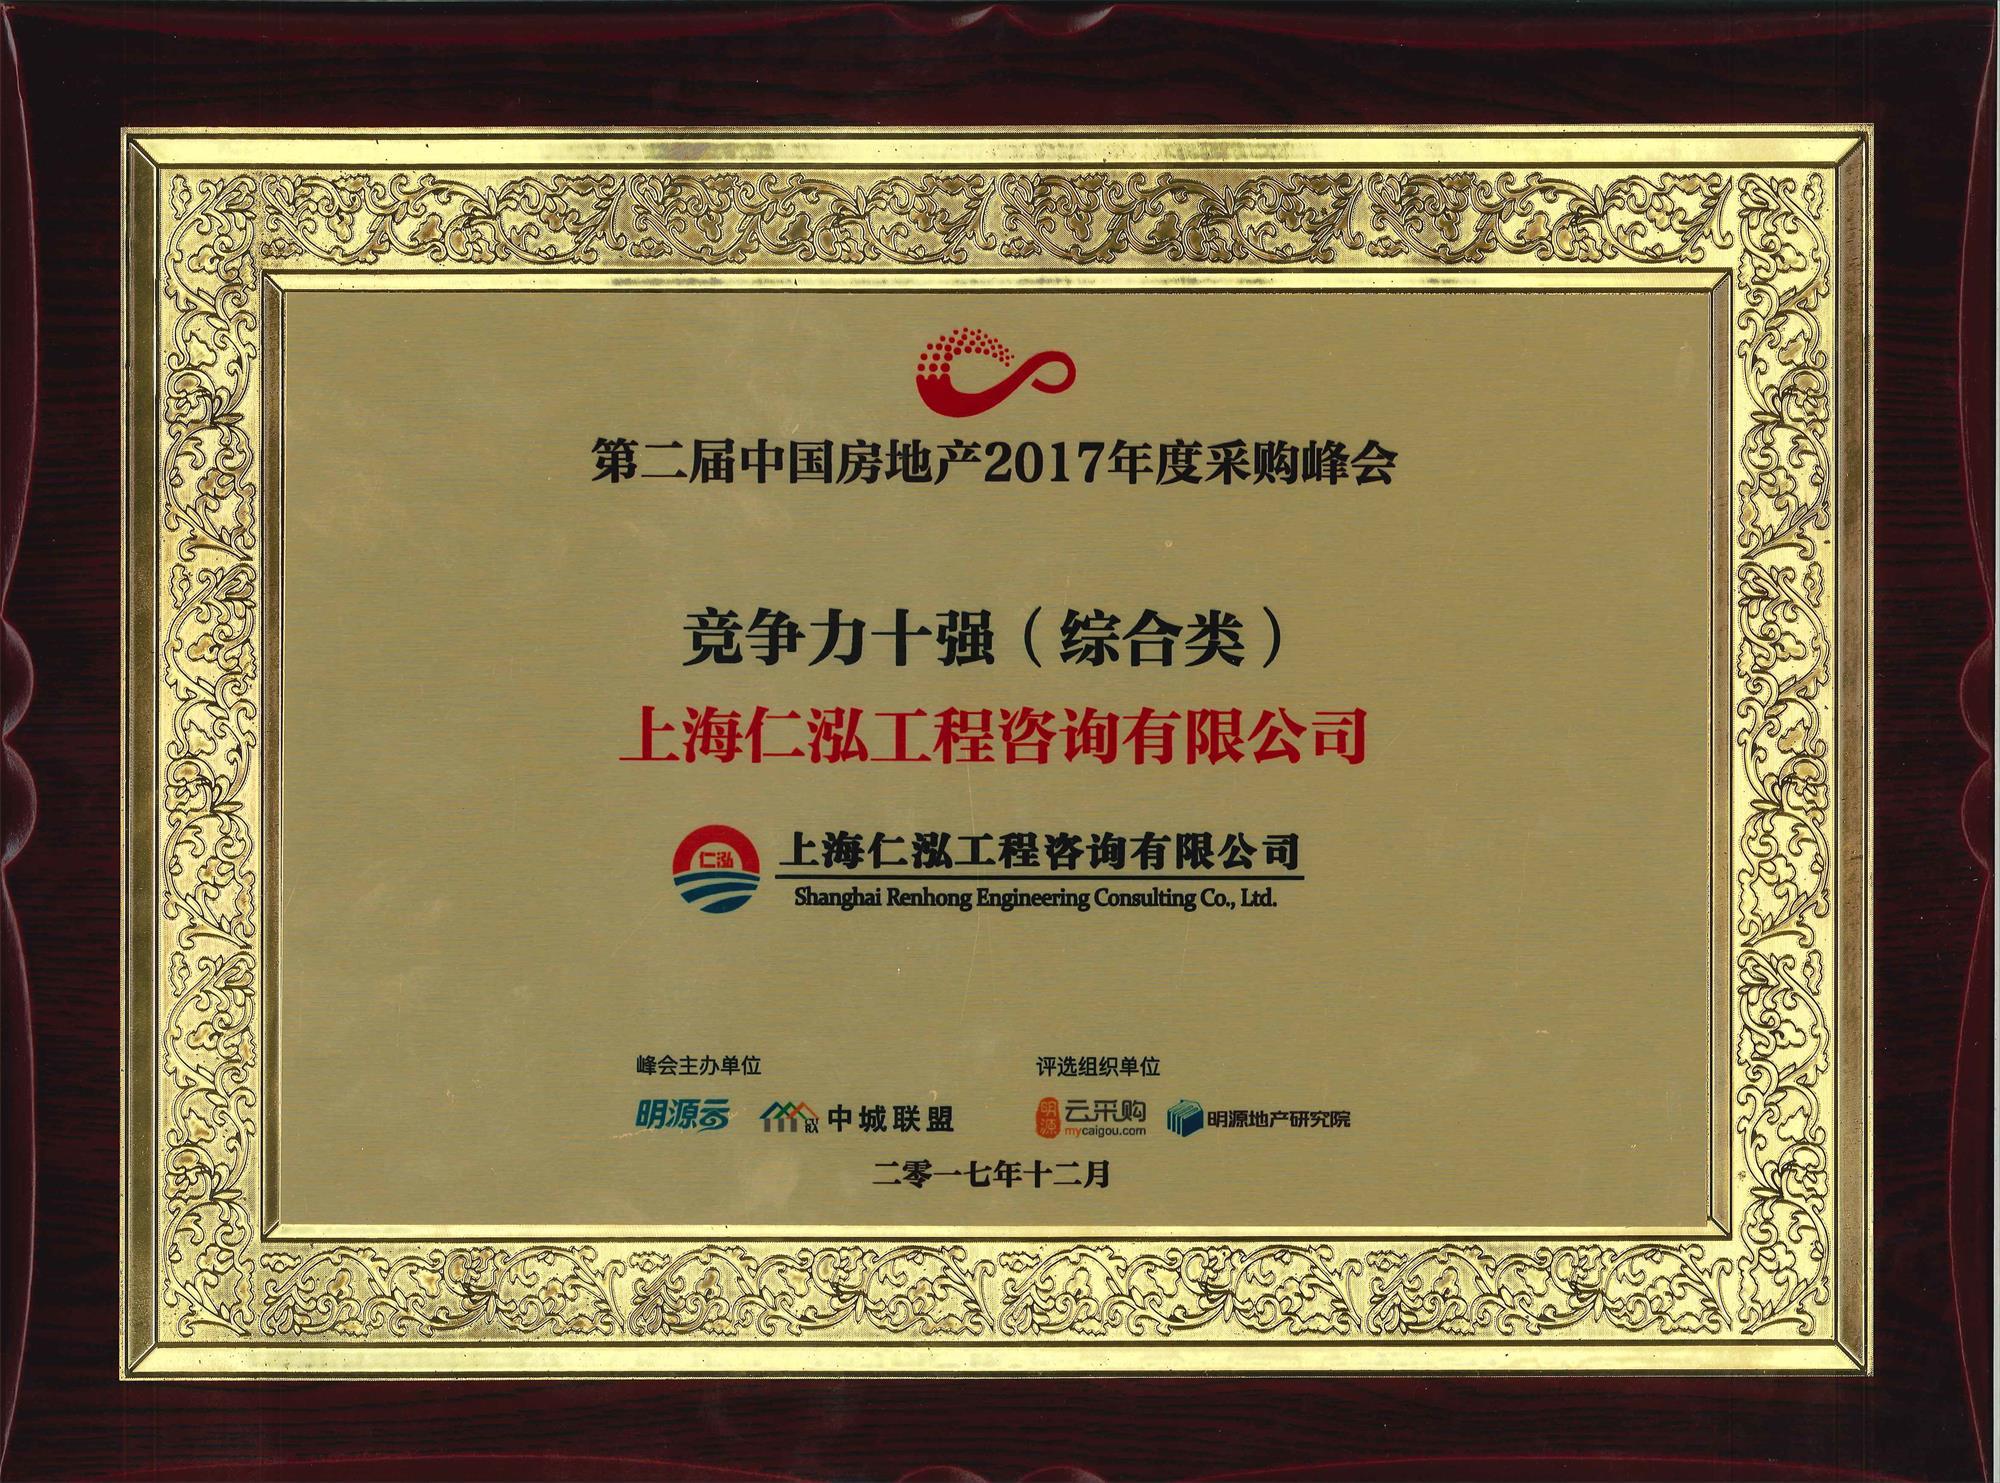 第二届中国房地产2017年度采购峰会竞争力十强 - 副本.jpg